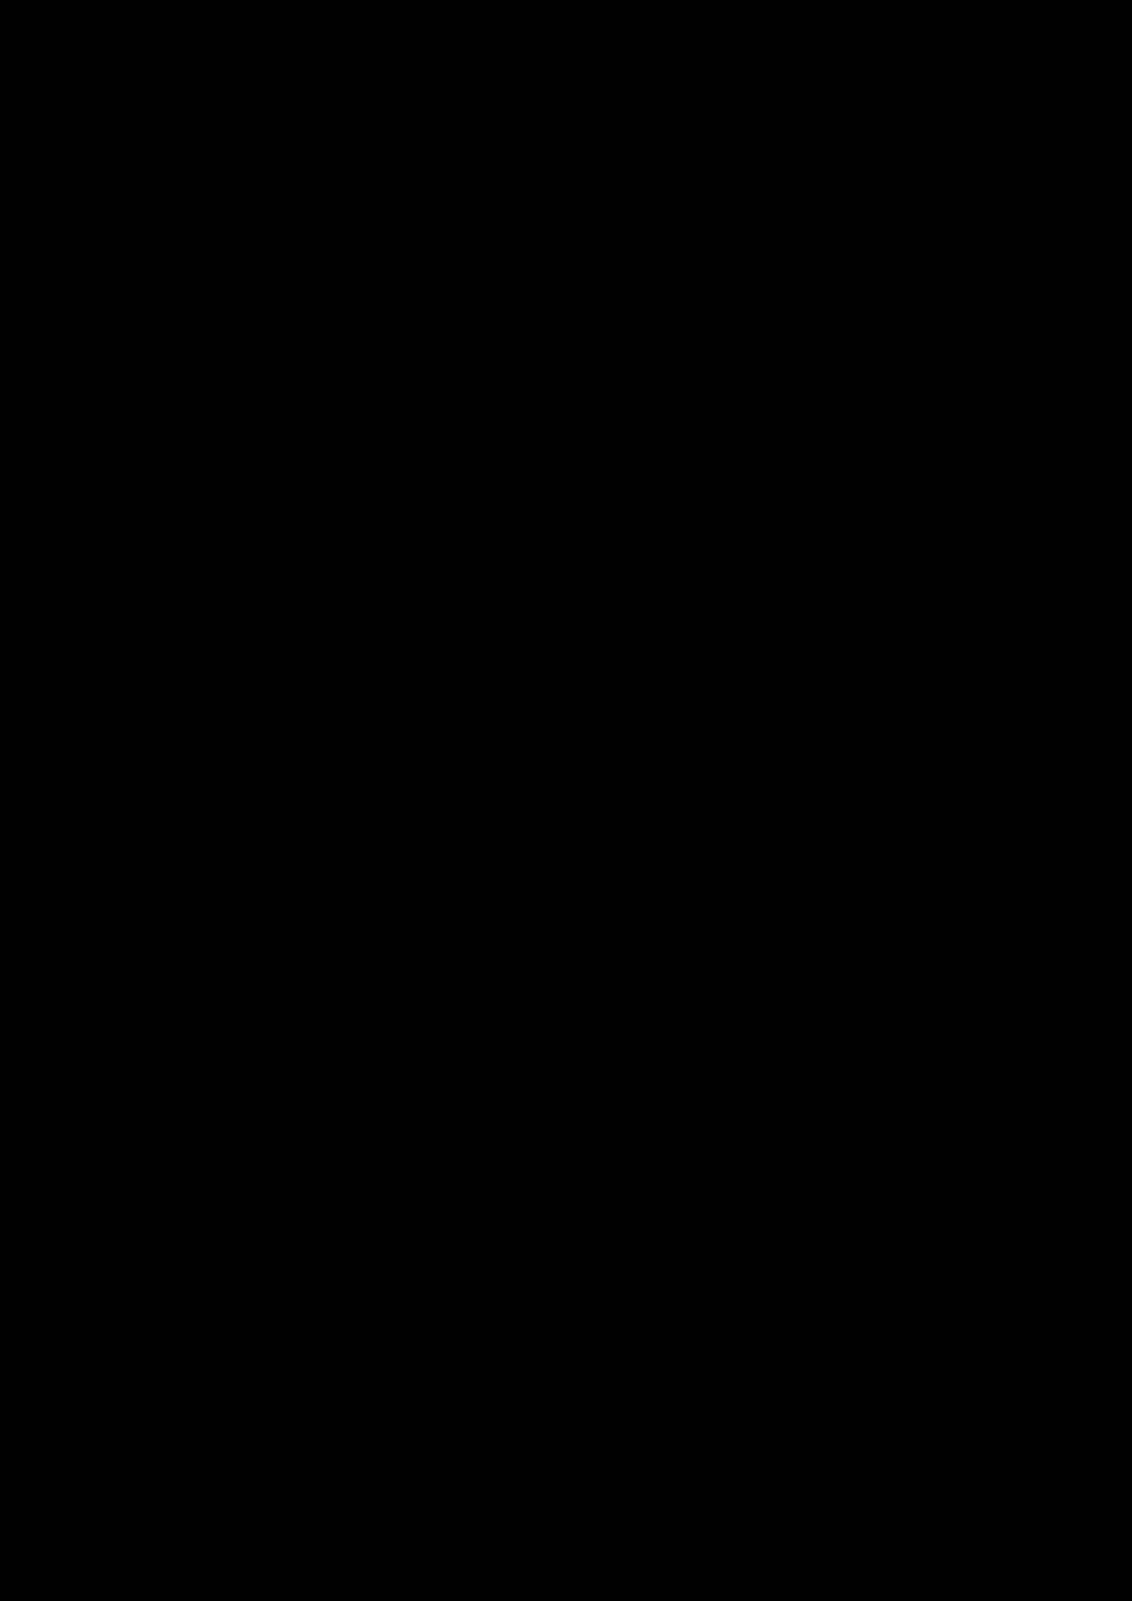 Zagadka volshebnoy stranyi slide, Image 39